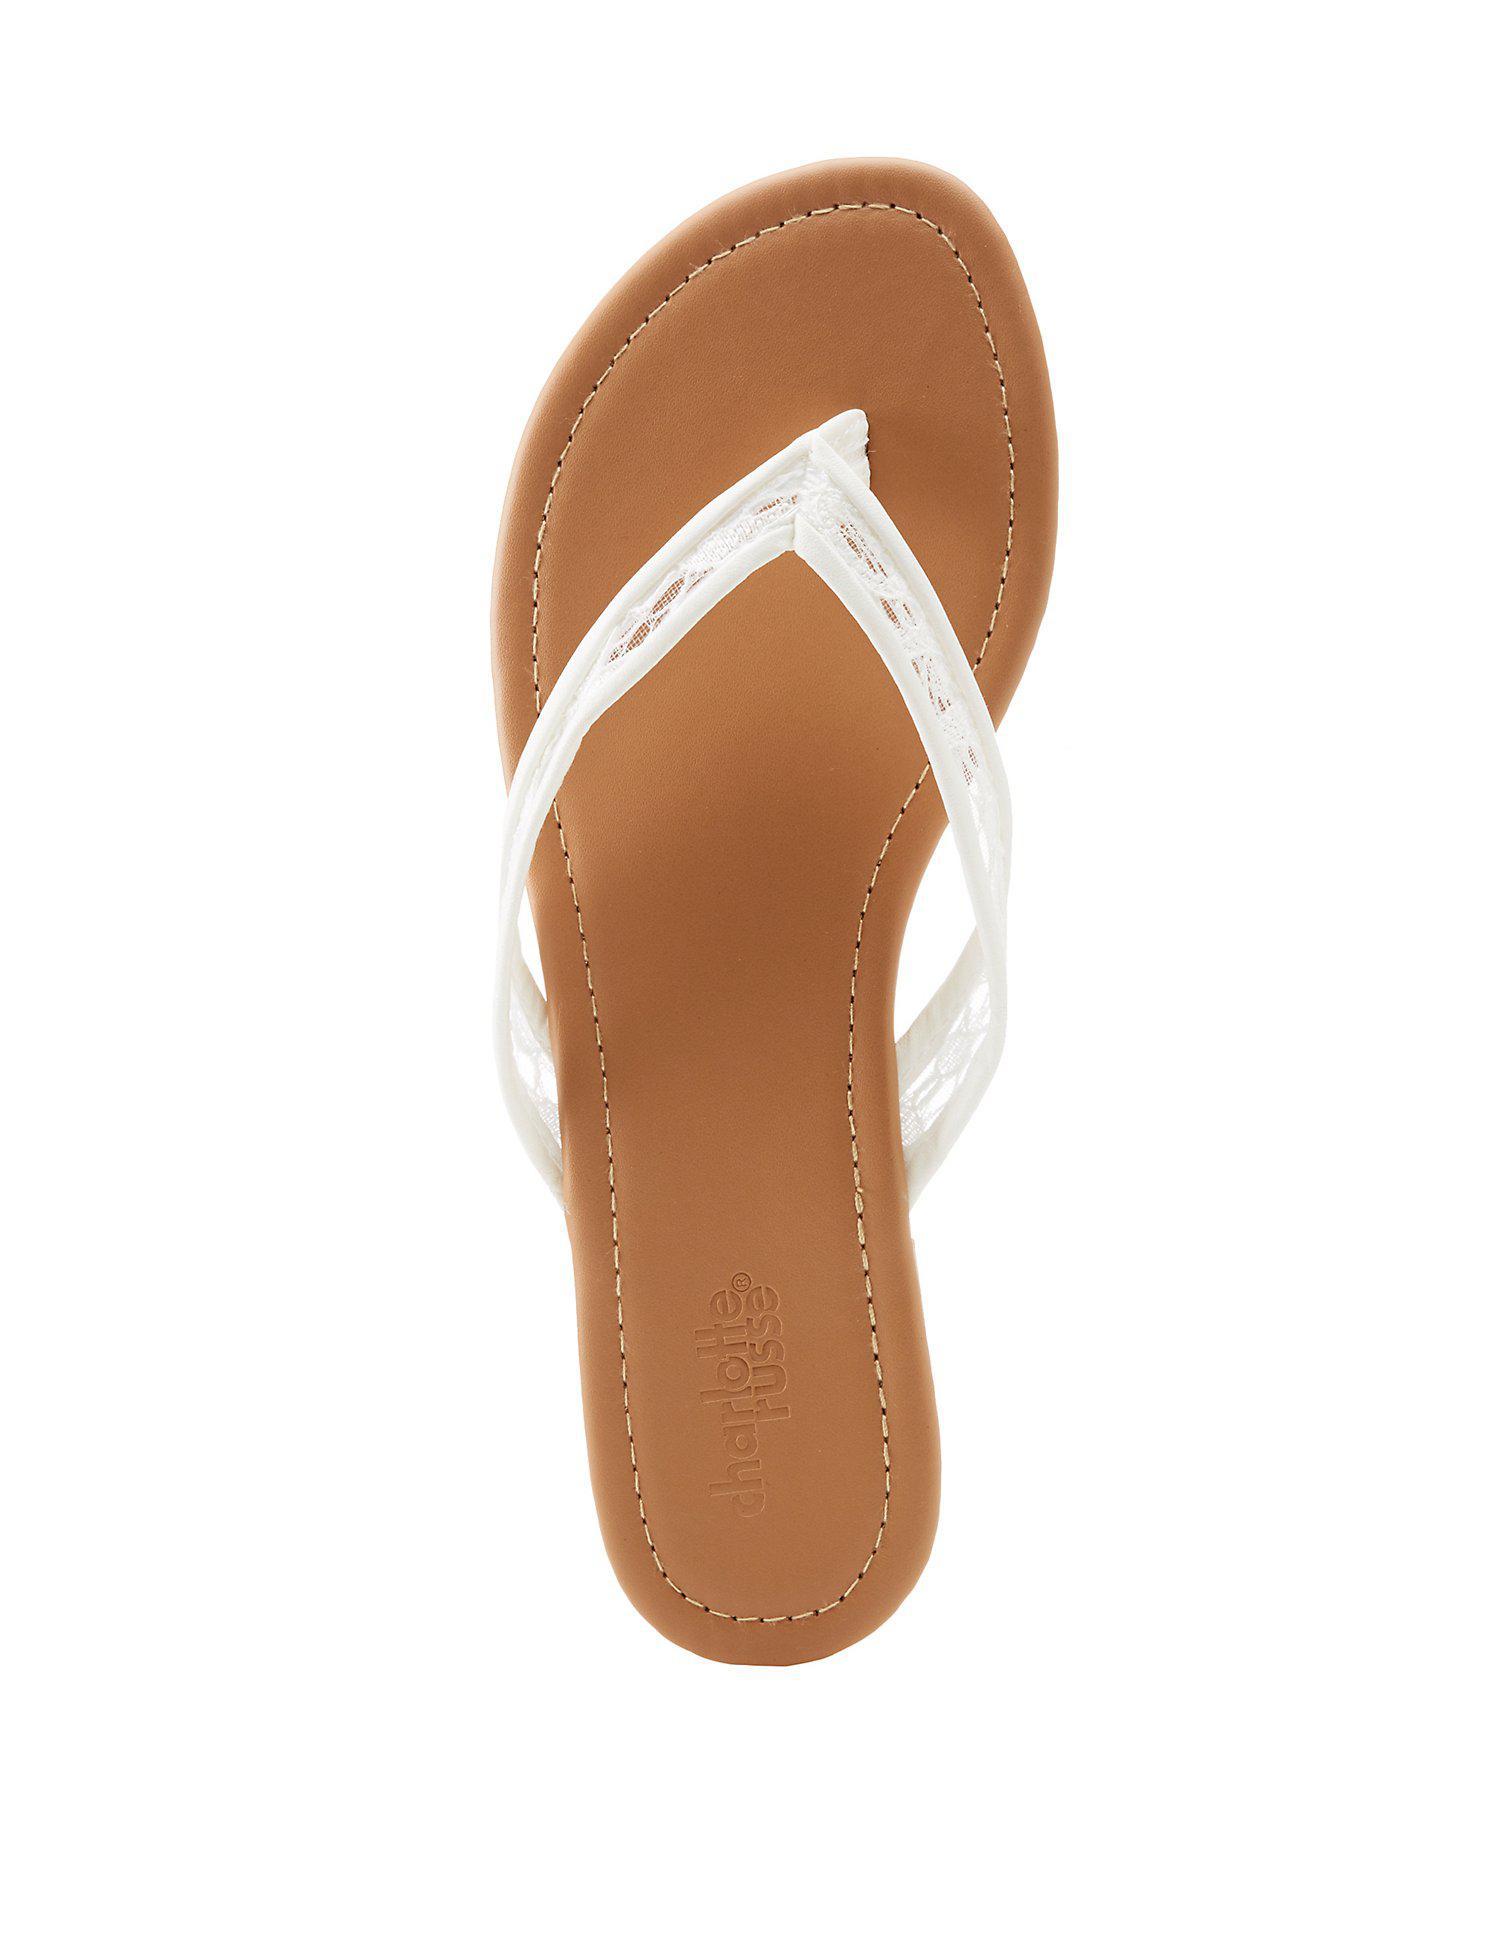 eae1de10661cb Lyst - Charlotte Russe Lace Strap Flip Flop Sandals in White